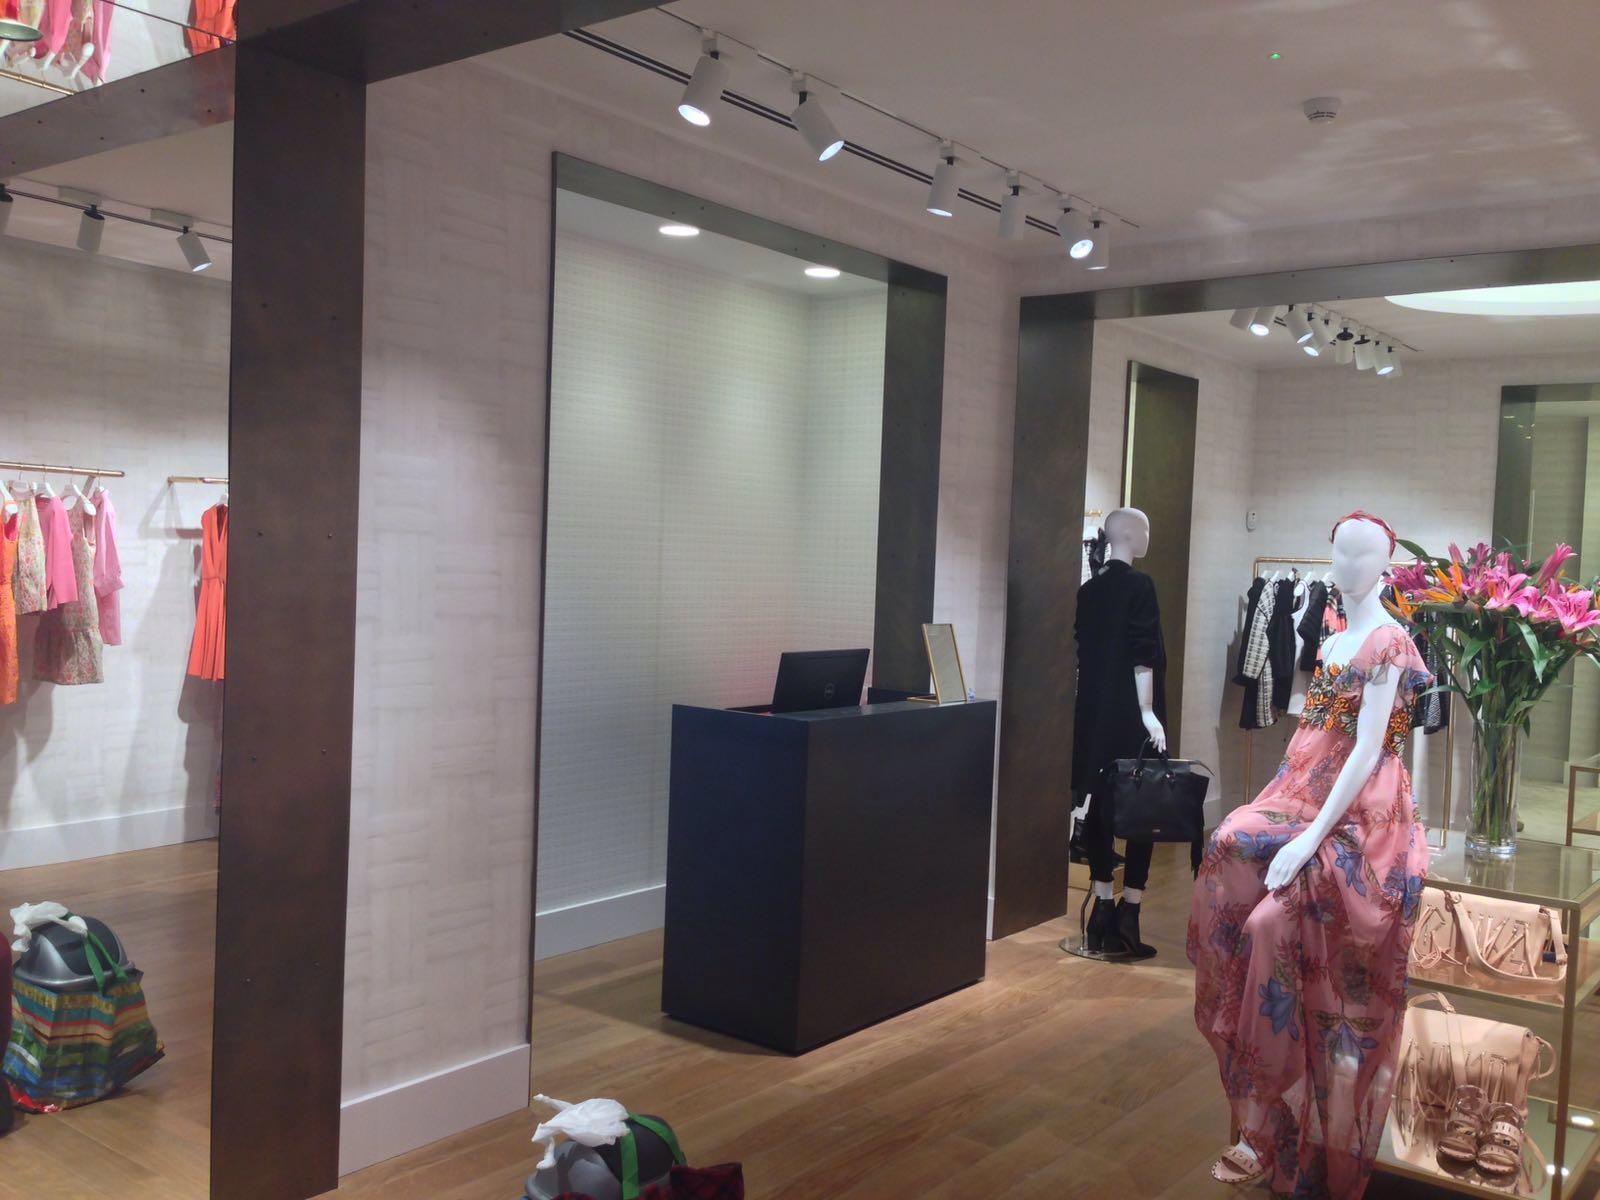 reformas_locales_comerciales_oficinas_pinko paseo gracia07